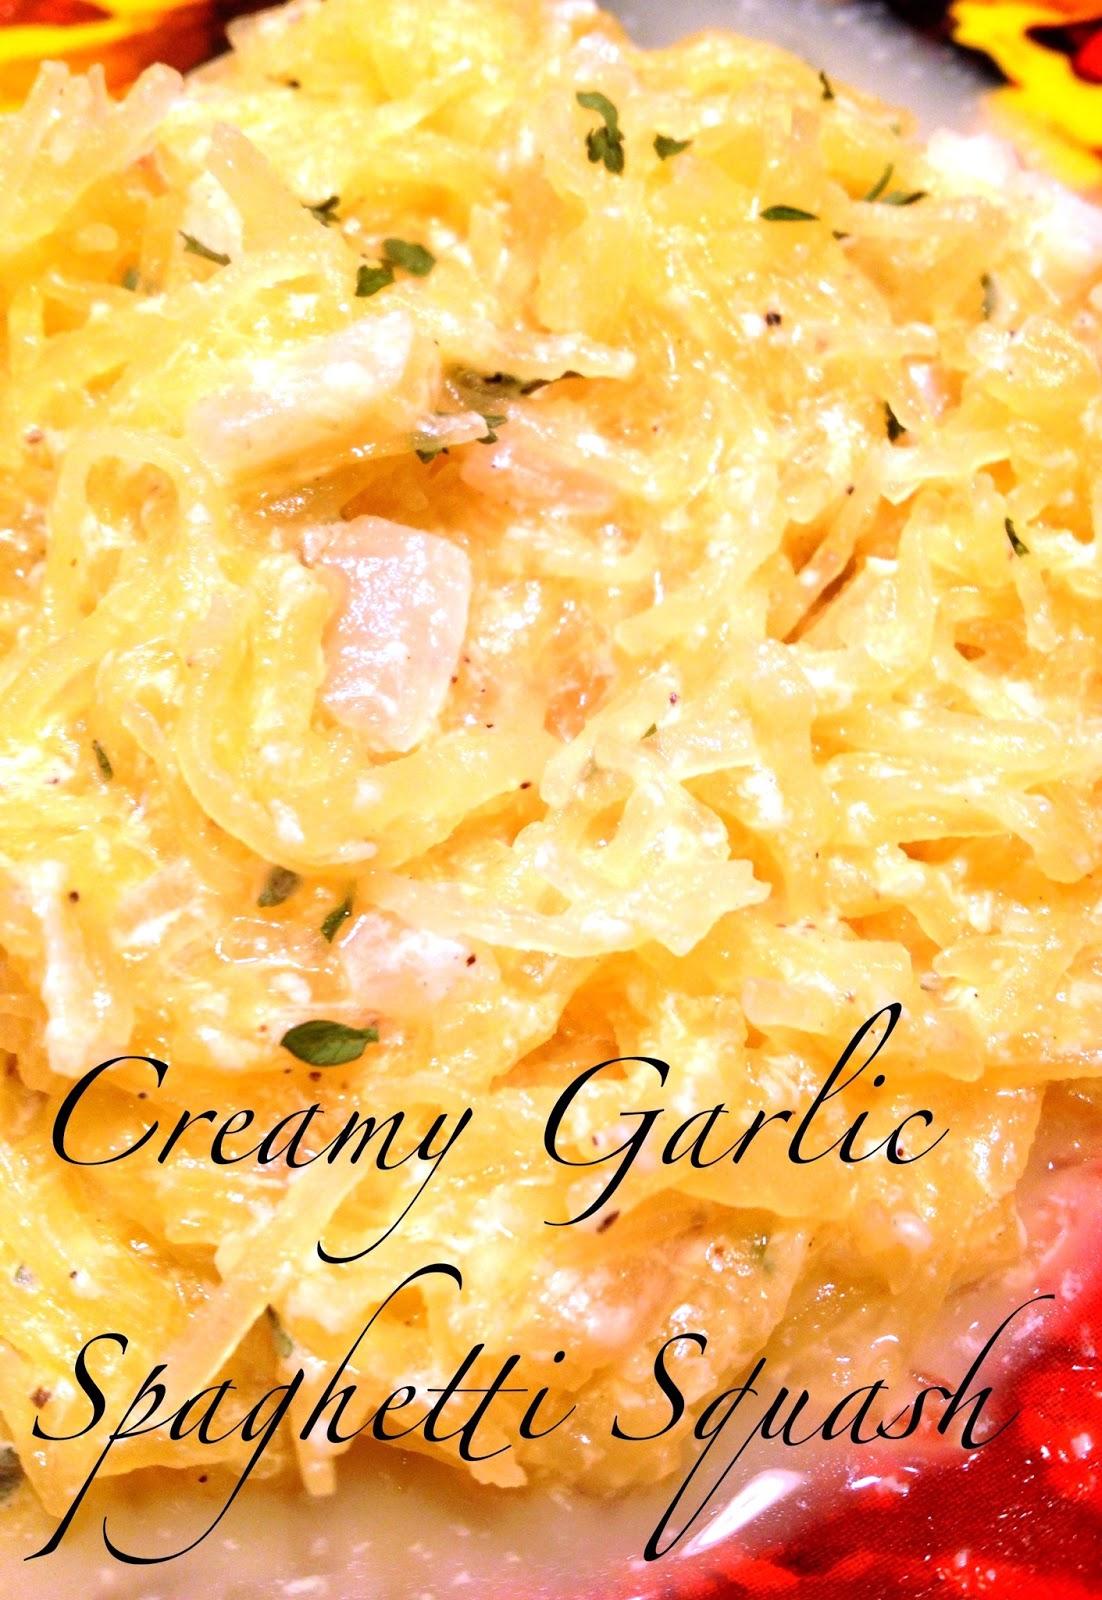 Healthy Makeover: Creamy Garlic Spaghetti Squash